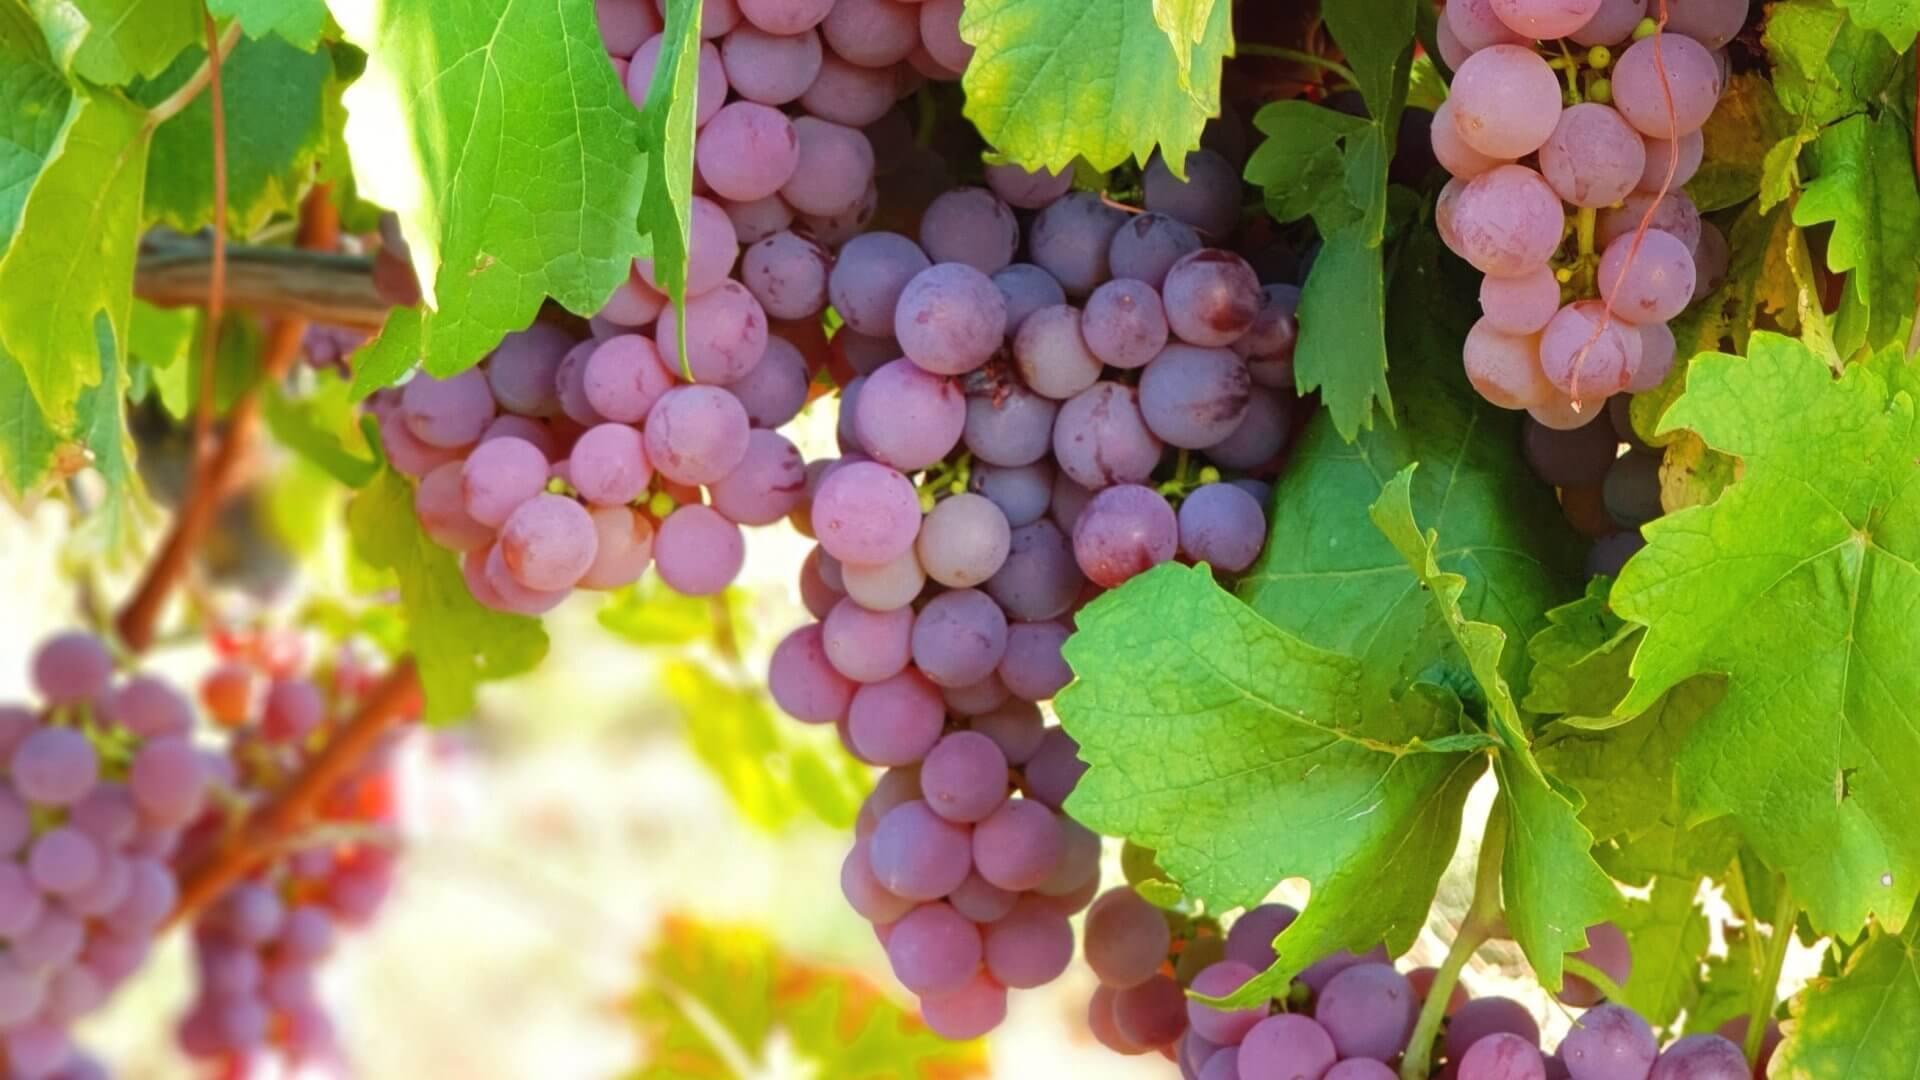 Gesunde Trauben liefern die Basis für die köstlichen Rotweine des Winzerhofes Ebringen.